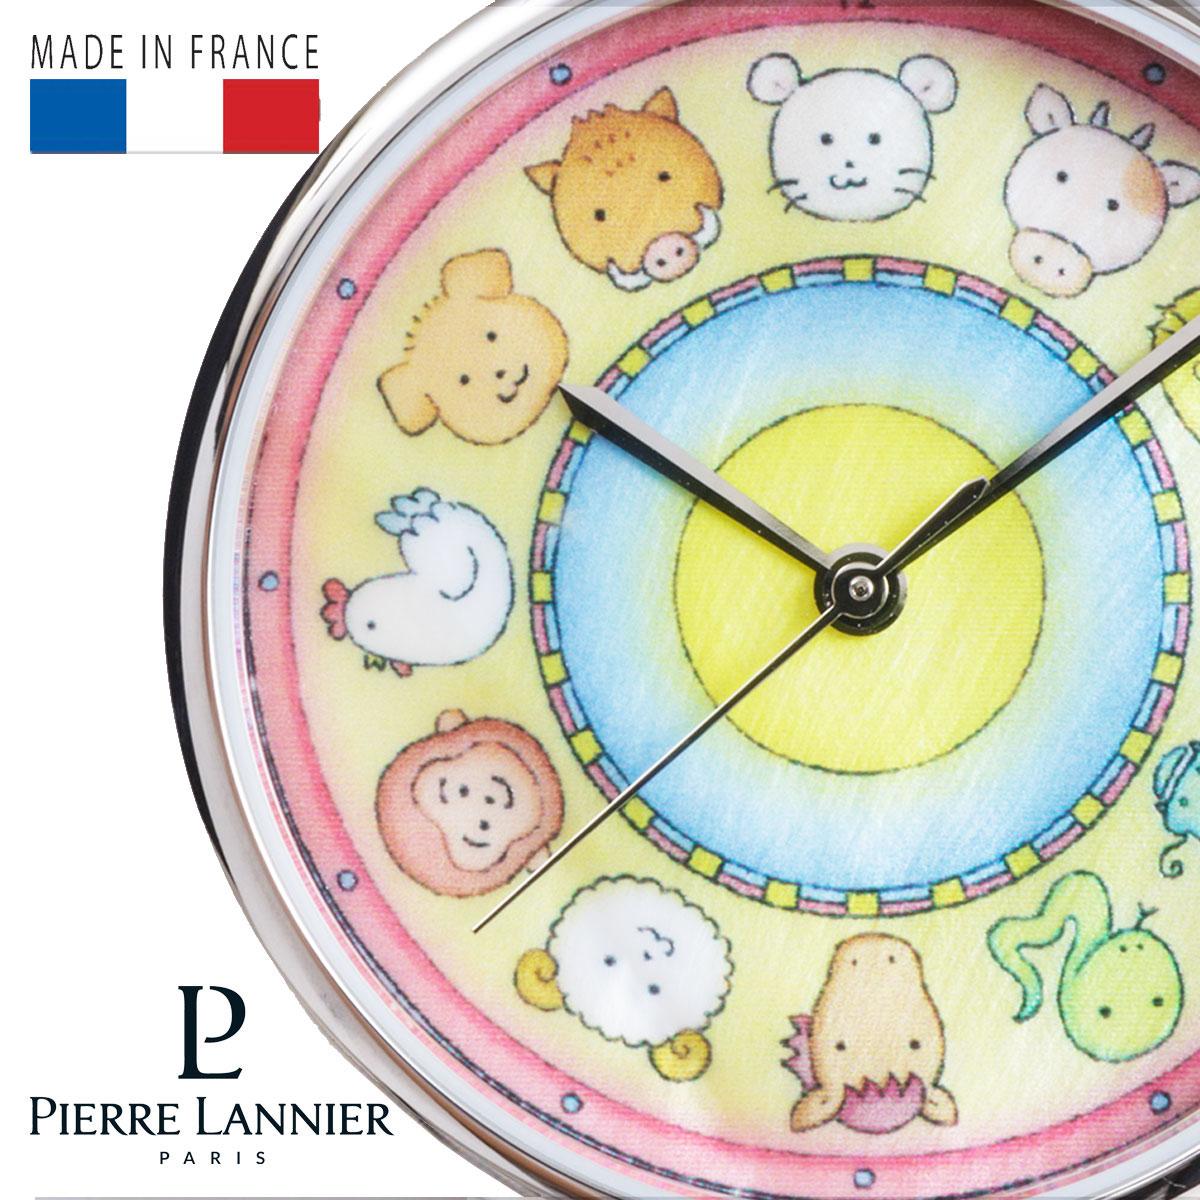 クリスマス 記念 ピエールラニエ さくらももこコラボウォッチ ちびまる子ちゃん著者 レディース 腕時計 丸型 P479A690 地球の子供たち P480A690 干支 えと 誕生日 プレゼント ご褒美 ギフト 記念日 送料無料